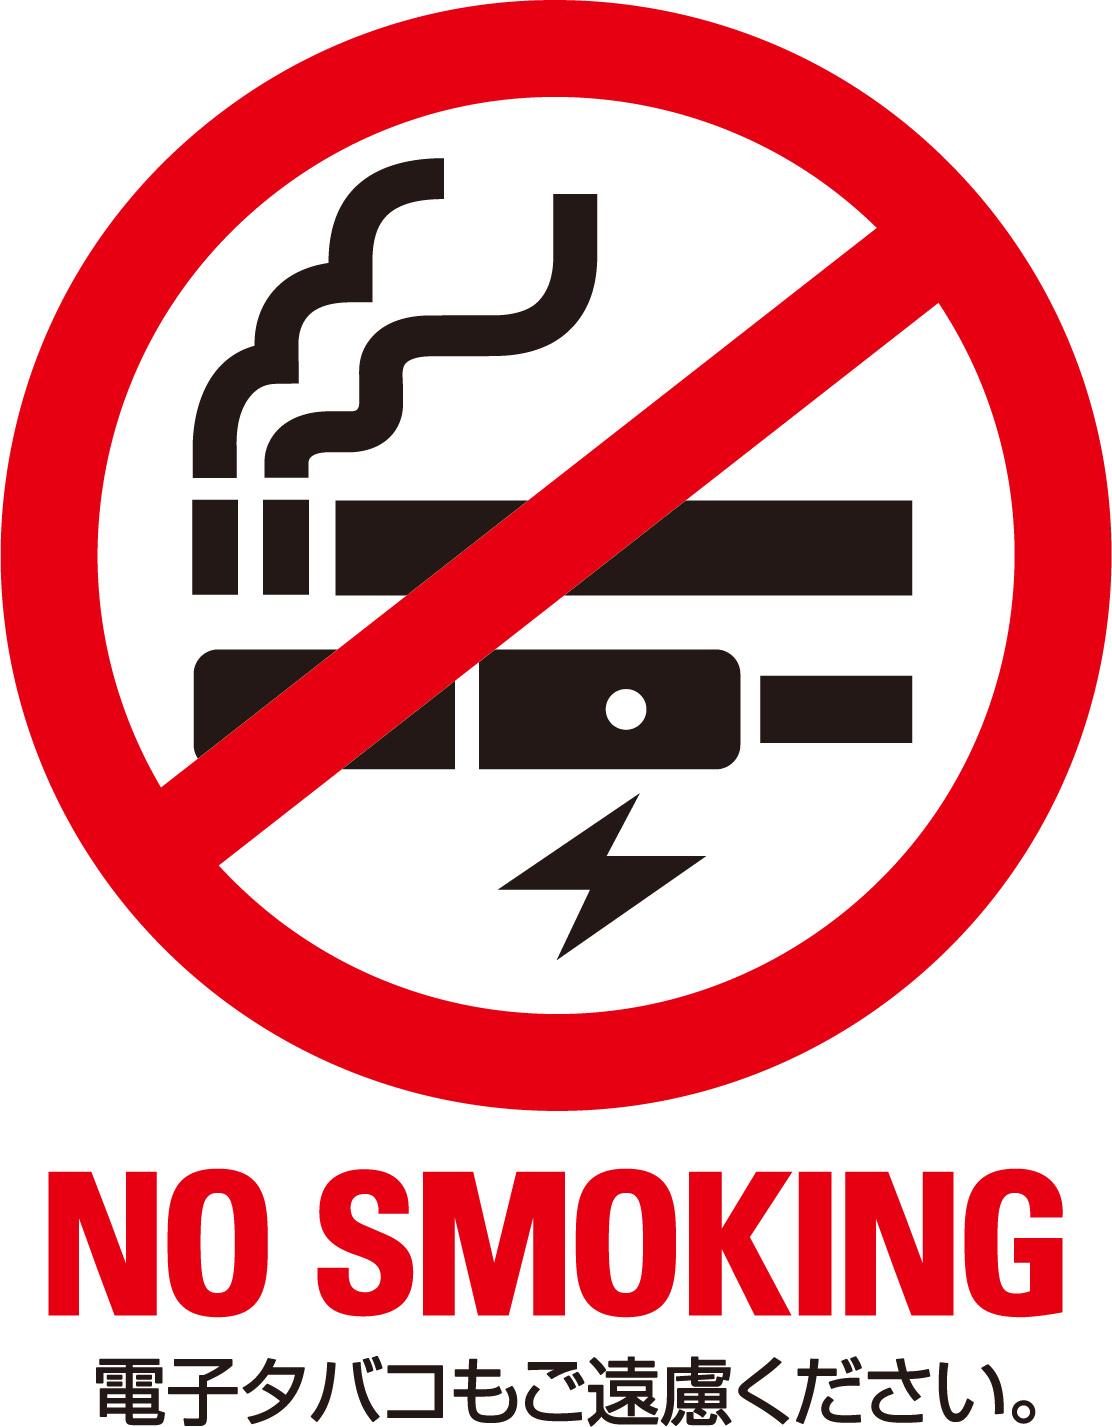 施設内全面禁煙